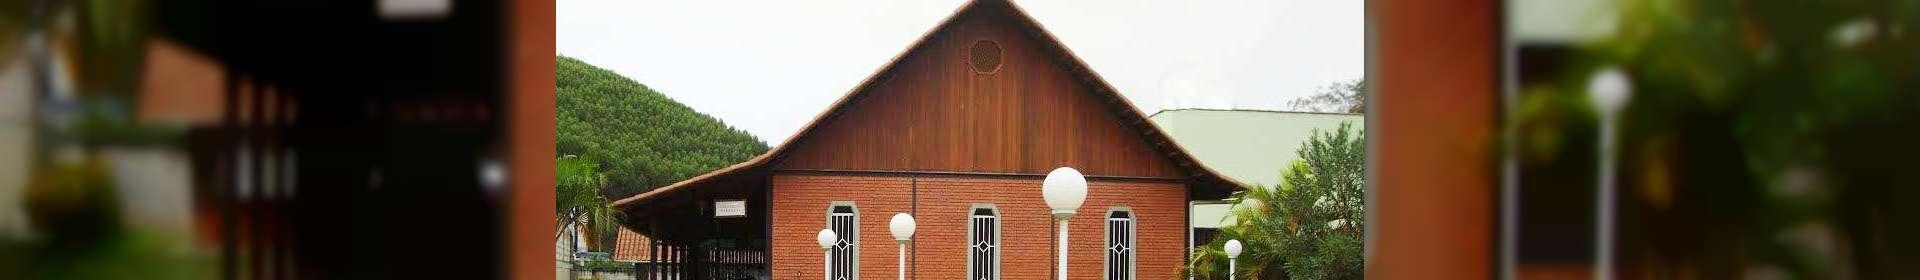 Igreja Cristã Maranata suspende cultos e demais atividades presenciais temporariamente devido ao Coronavírus